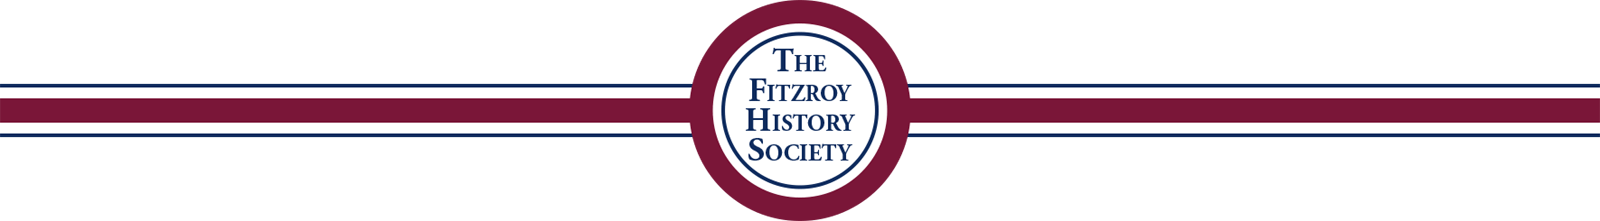 The Fitzroy History Society